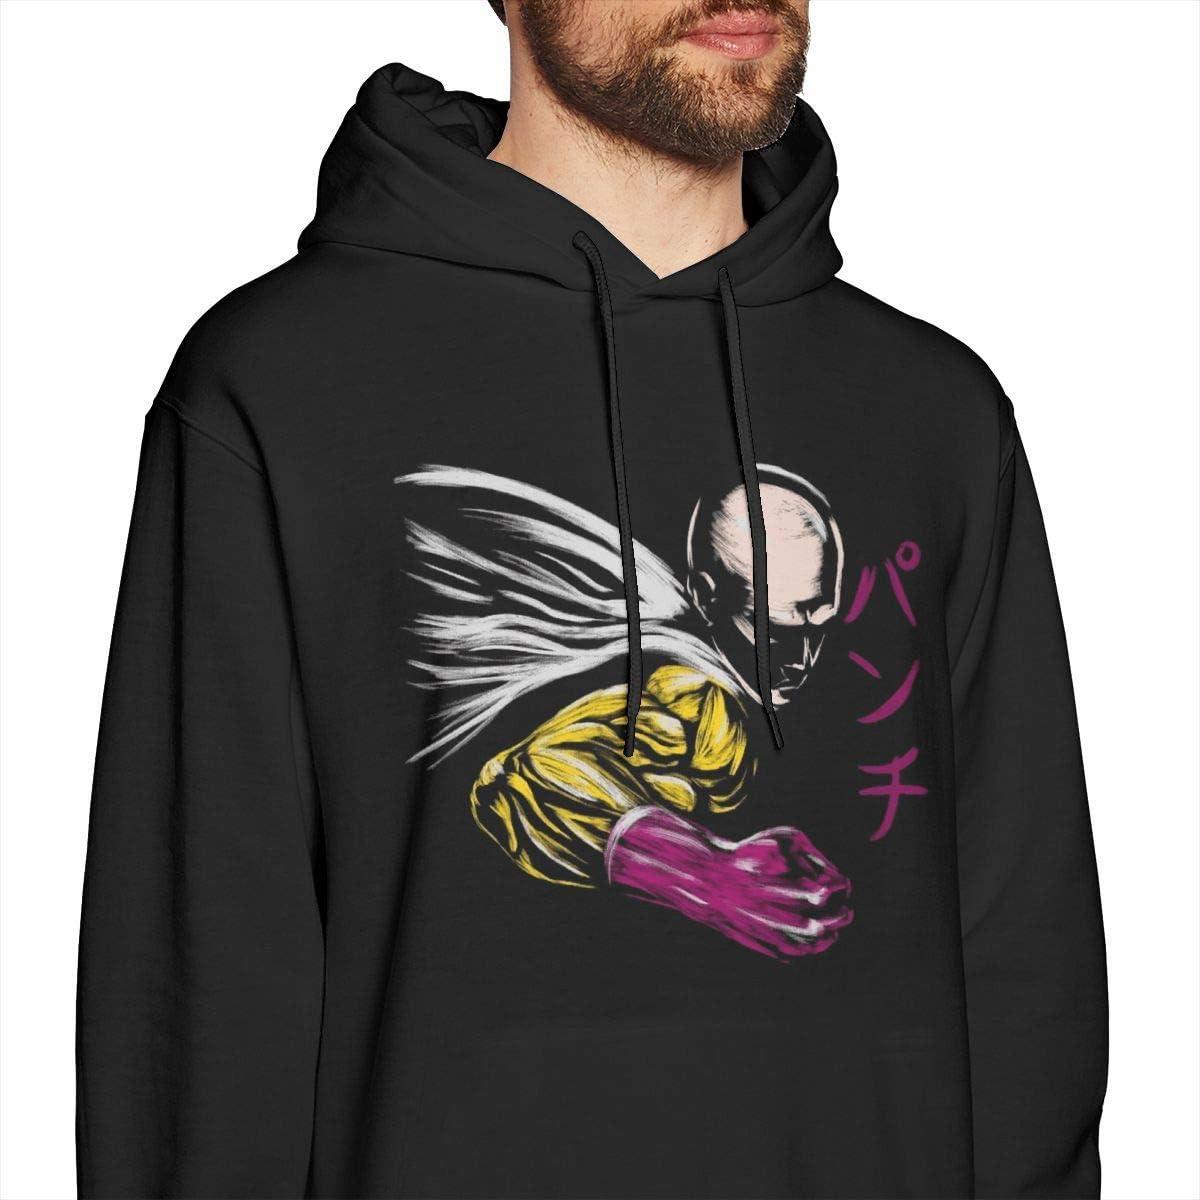 zhkx One Puch Man Saitama Silhouette Herren Pullover Hoodies Rundhals-Sweatshirt Schwarz Xxx-large|style6